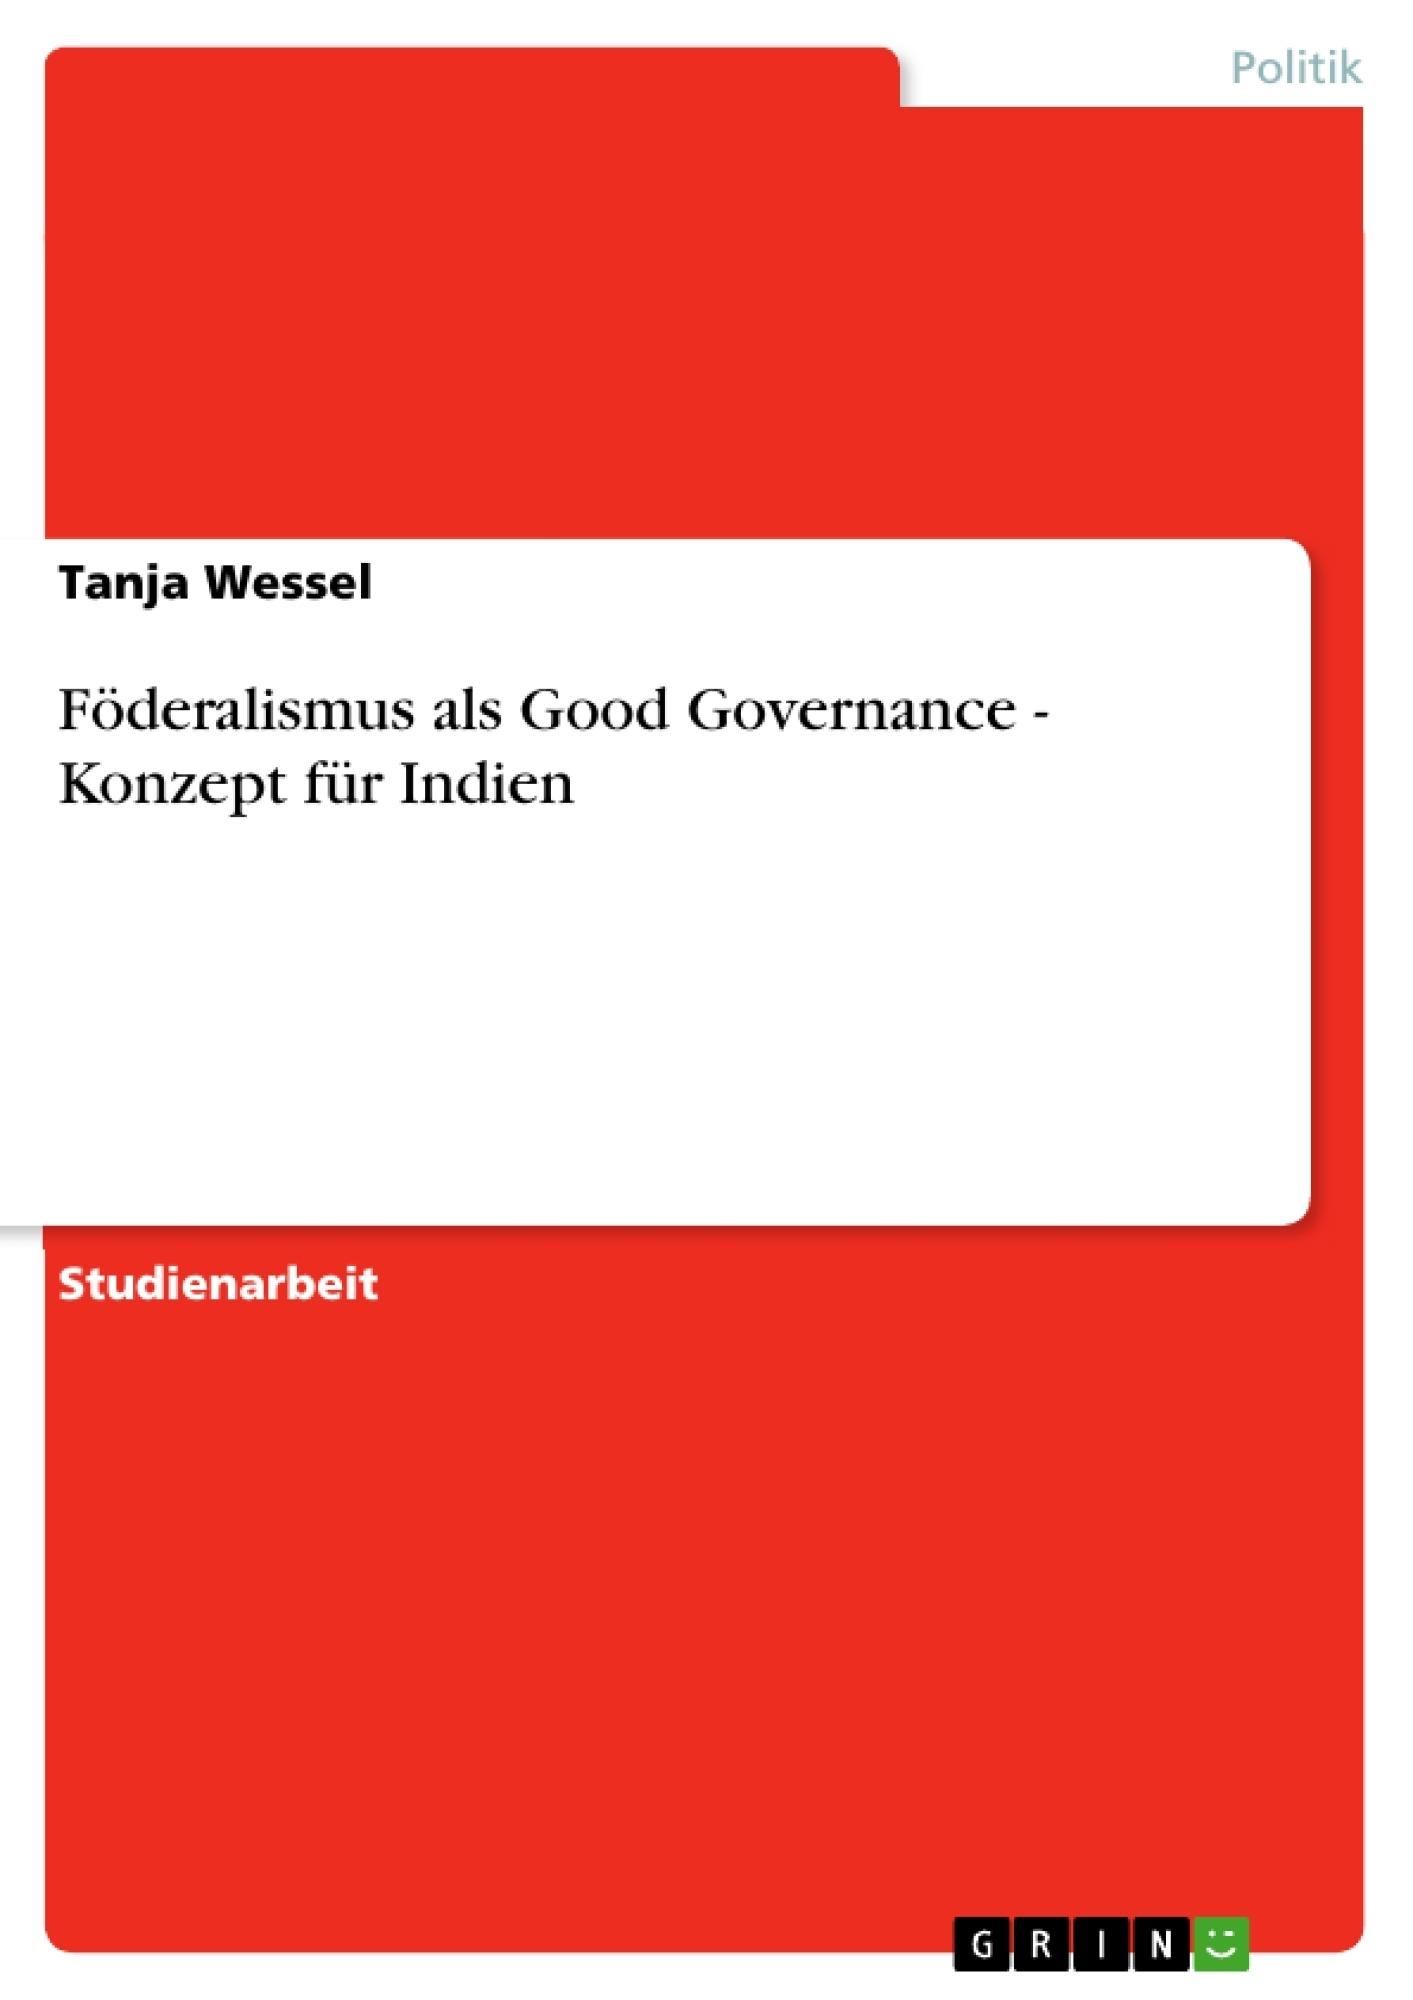 Titel: Föderalismus als Good Governance - Konzept für Indien